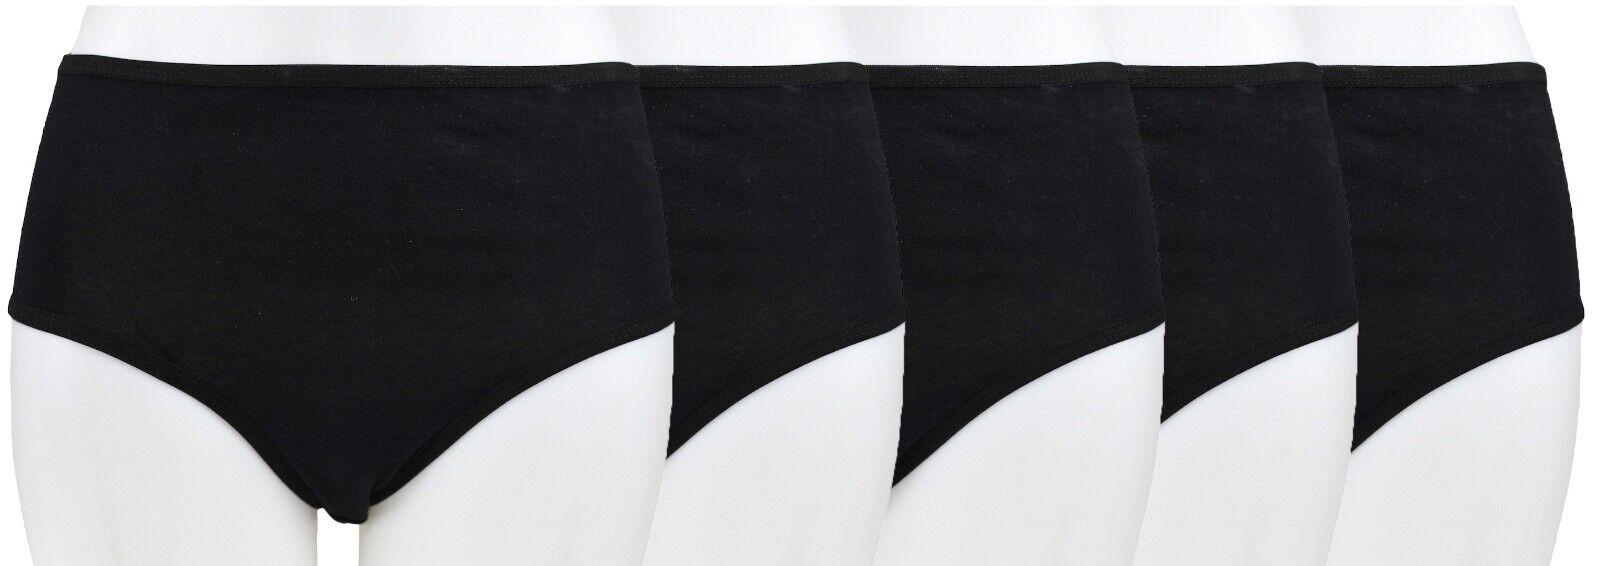 Damen Slips(C) aus 100% Baumwolle Übergröße bis 3XL Unterhose Cotton-Slips